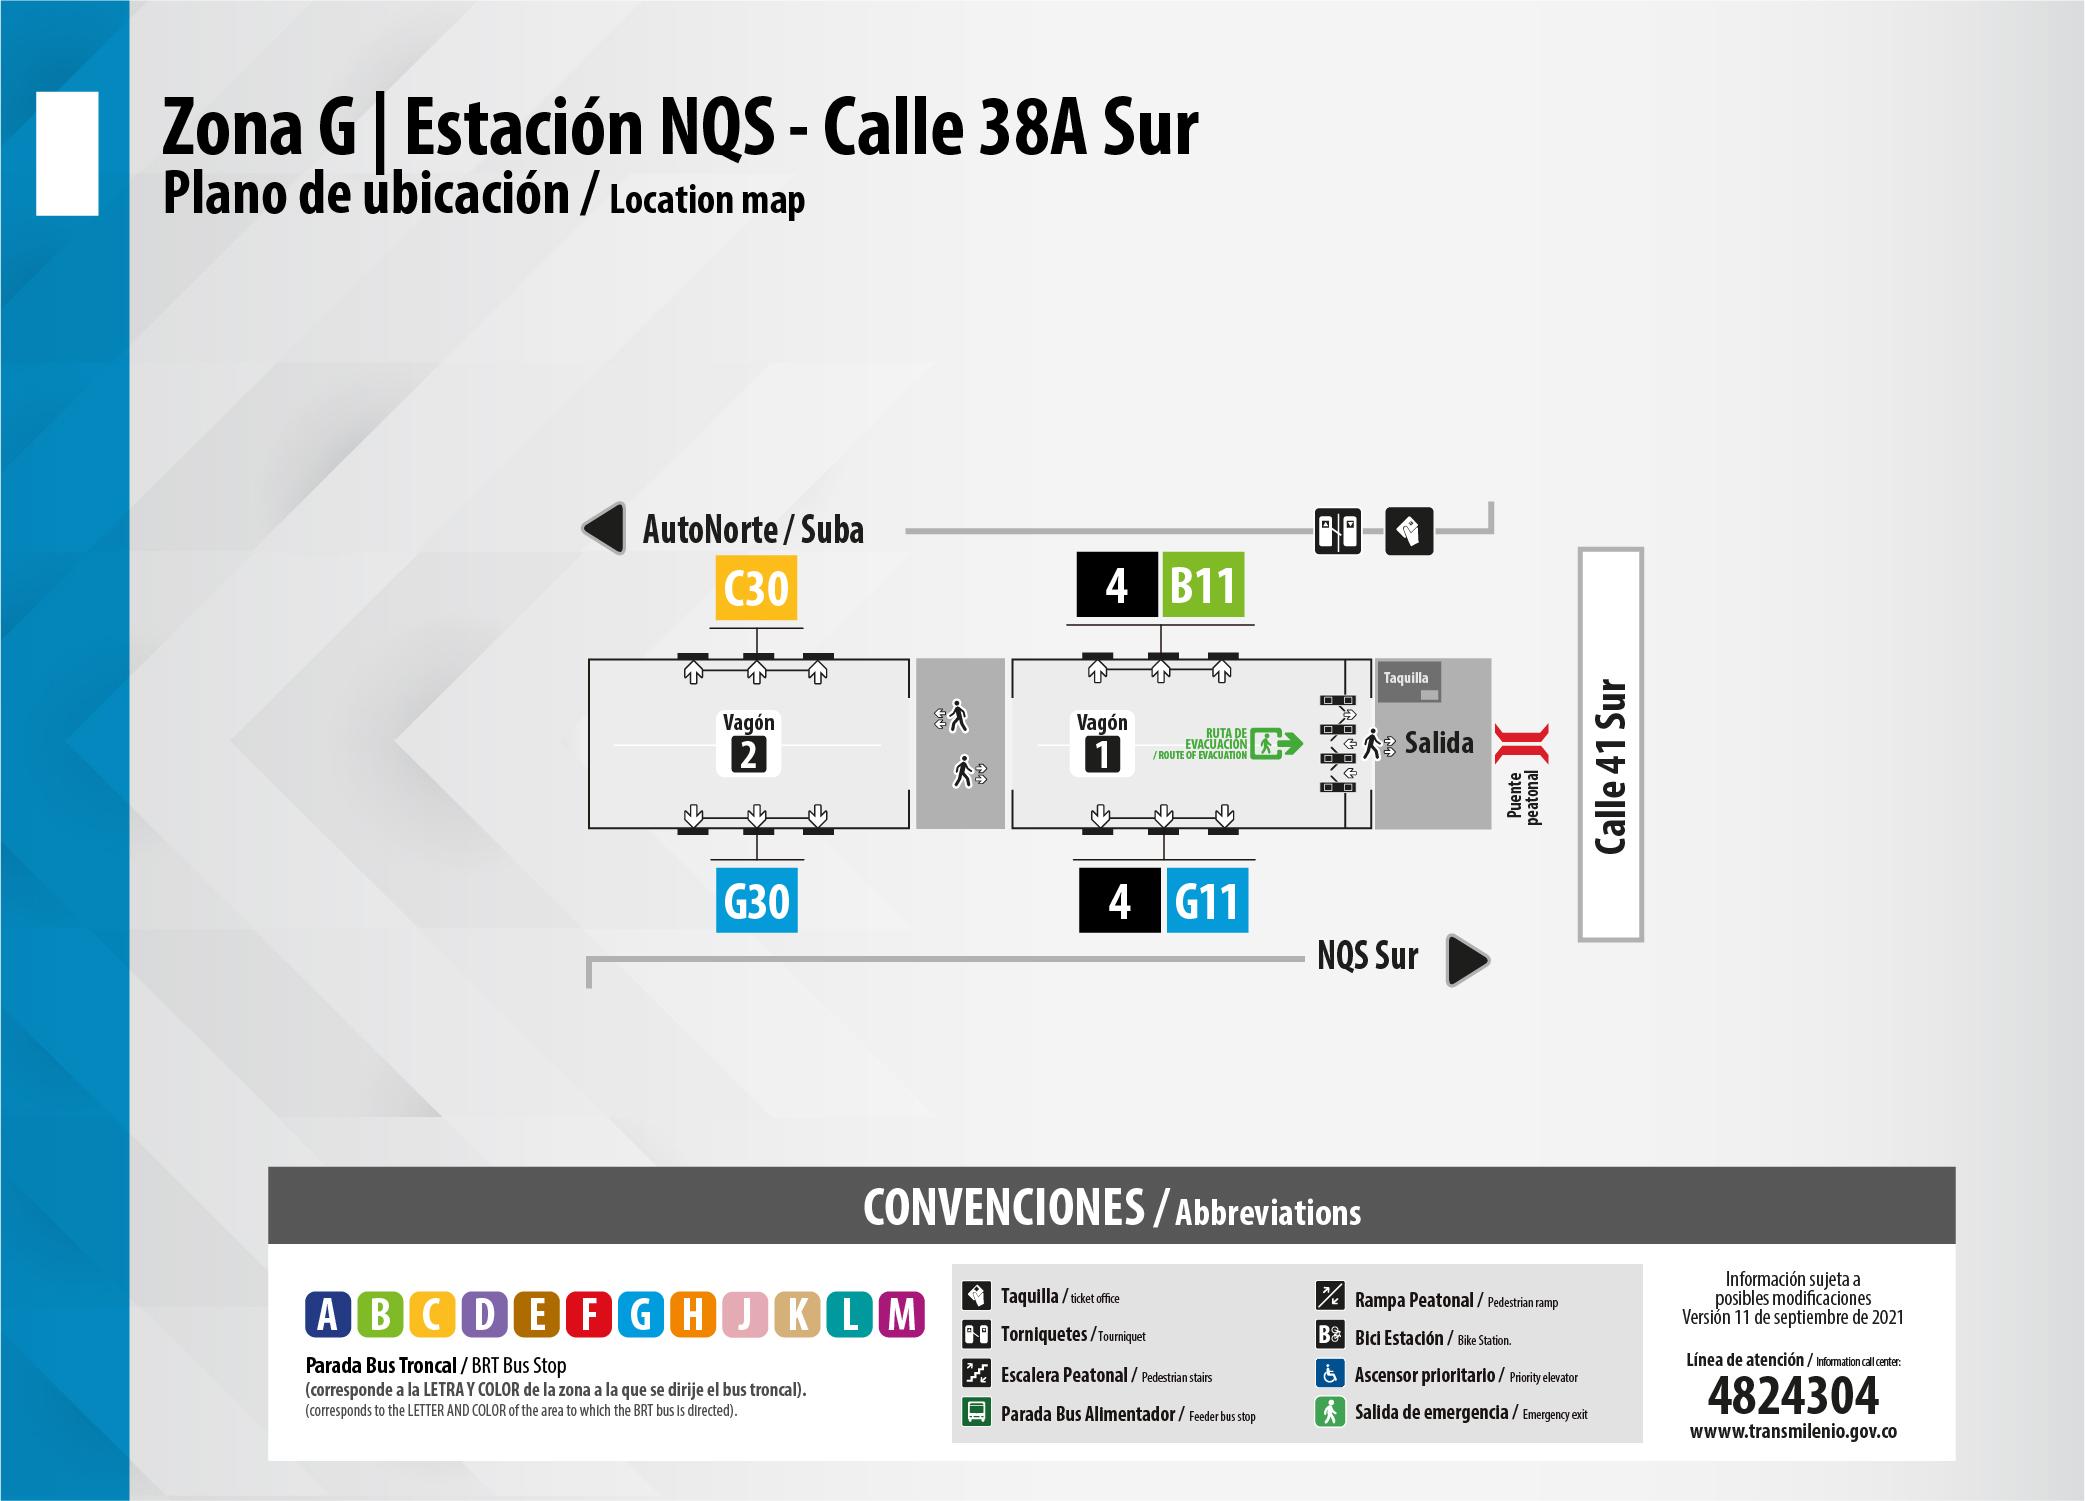 Estación NQS Calle 38A Sur amplia su vagón